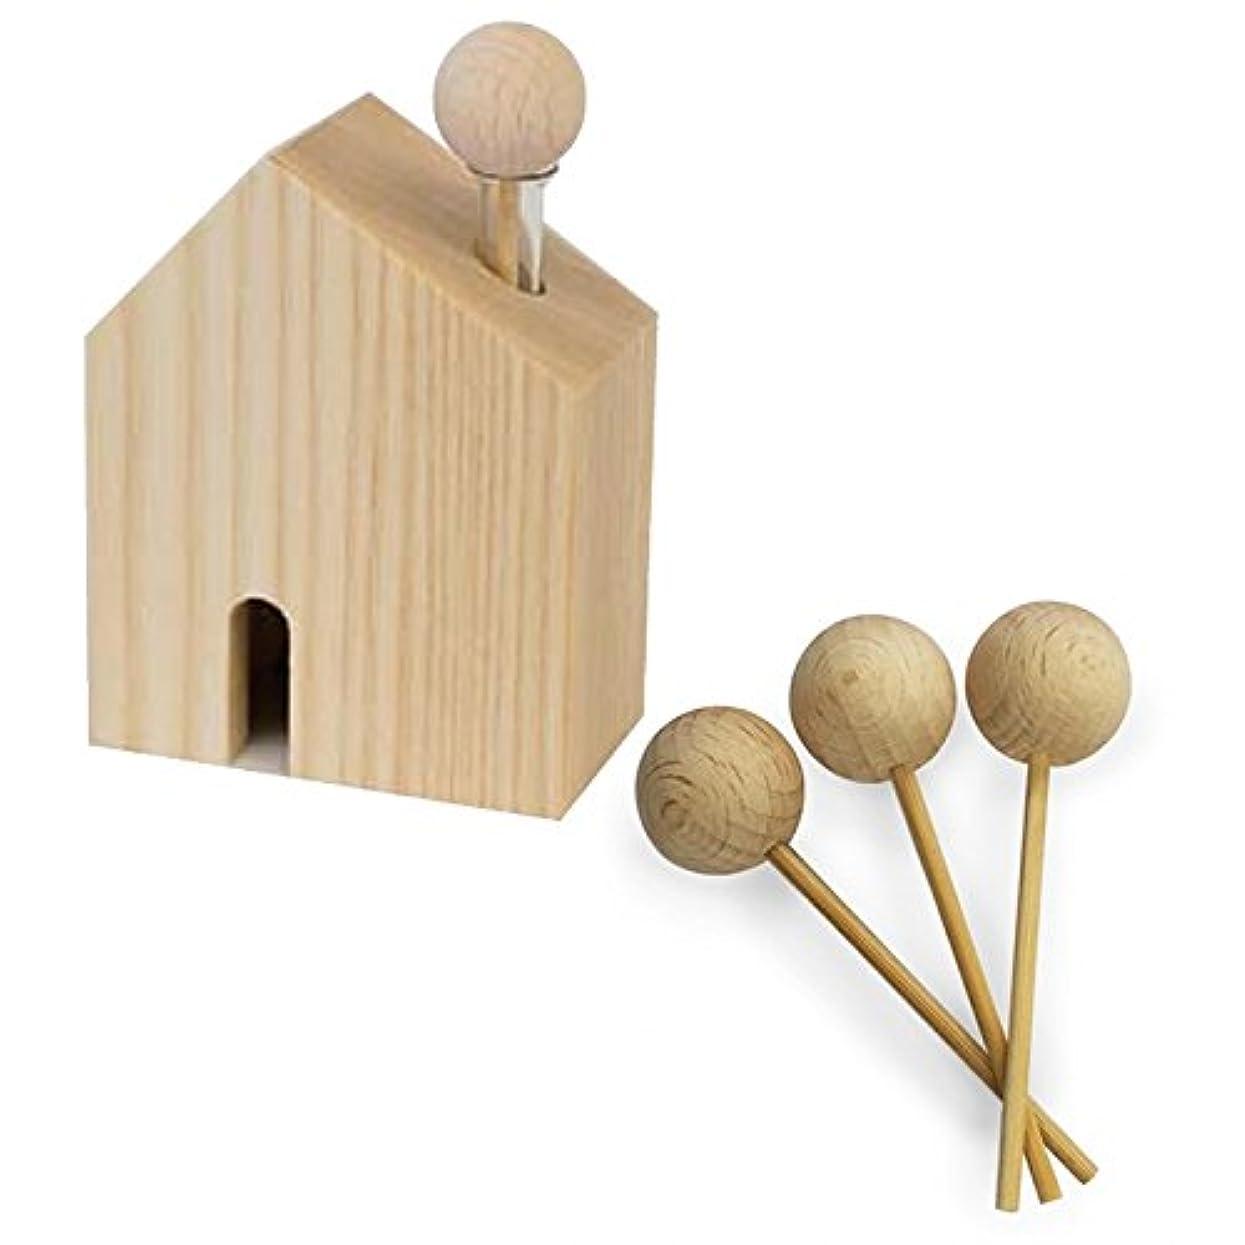 店主死すべき有名なHARIO ハリオ アロマ芳香器 木のお家 交換用木製スティック3本付